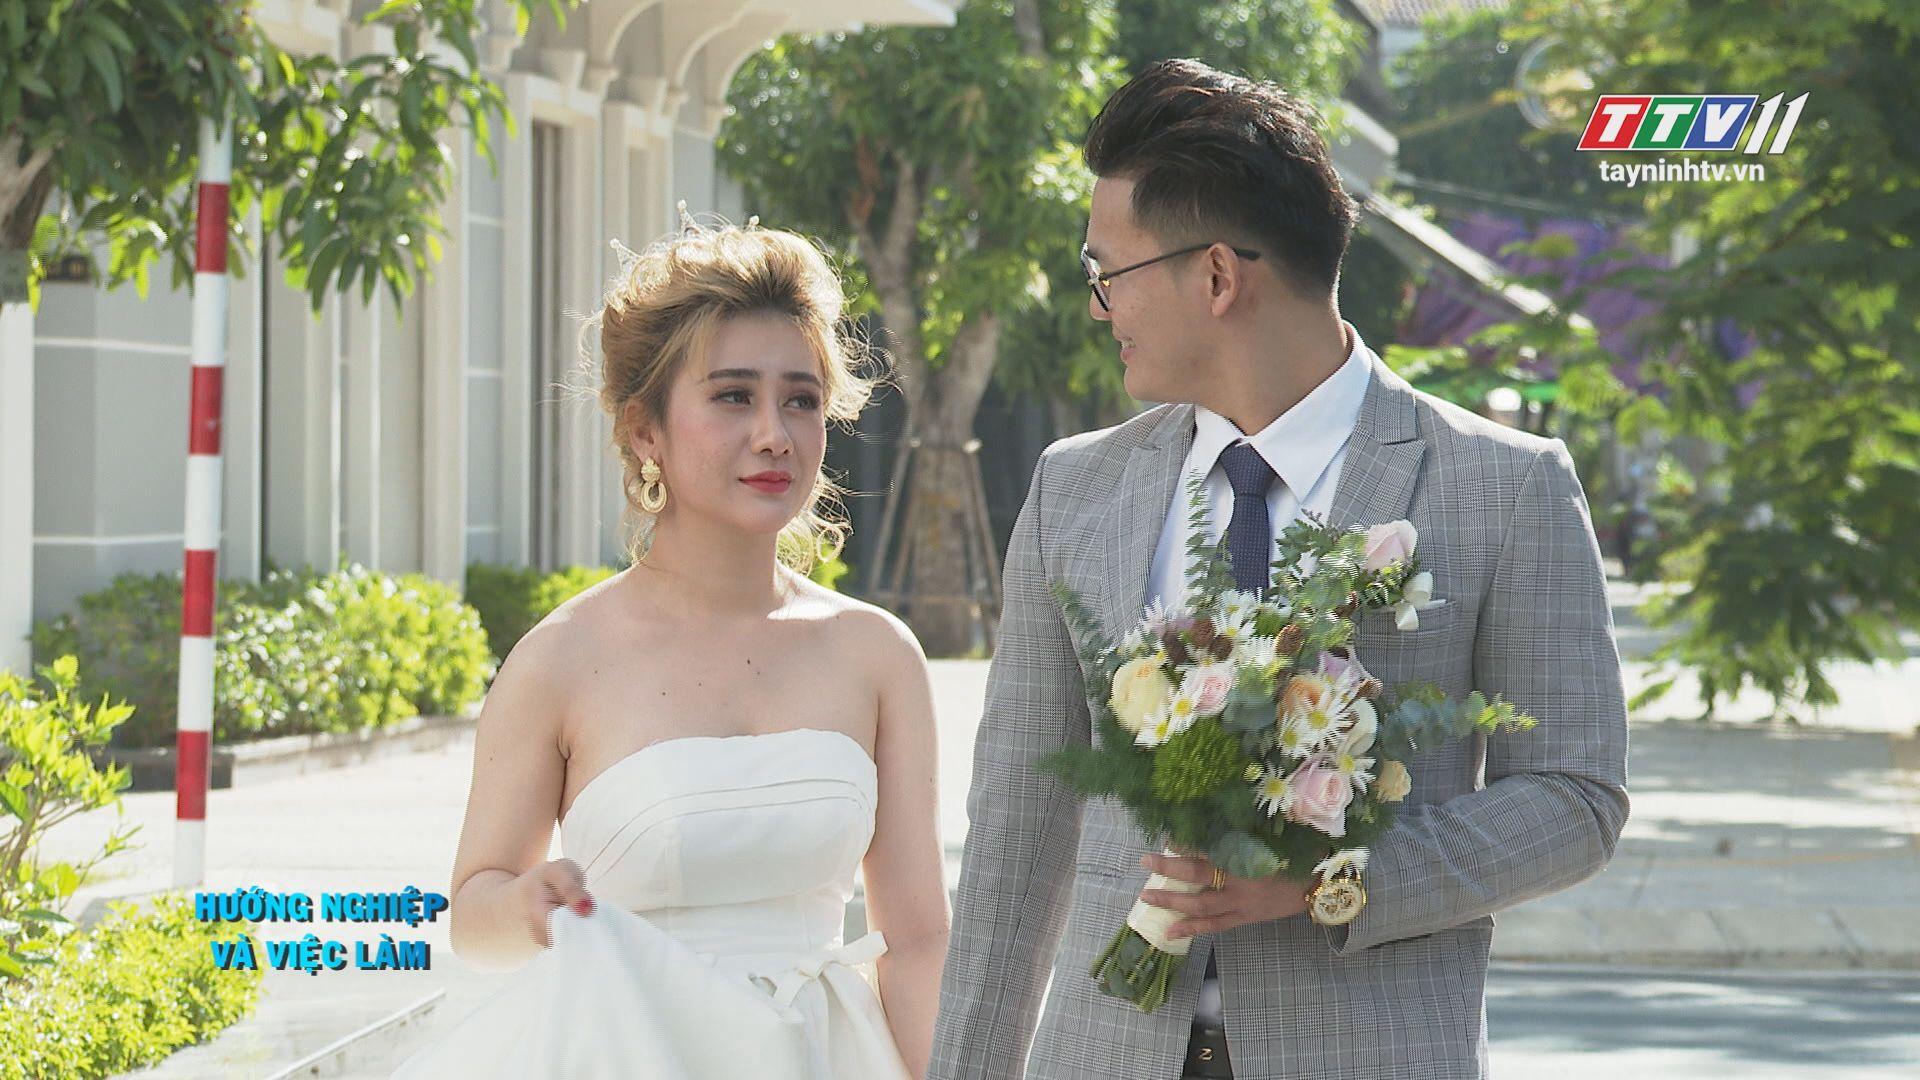 Lưu giữ khoảnh khắc đẹp nghệ thuật và sáng tạo | HƯỚNG NGHIỆP VIỆC LÀM | TayNinhTV